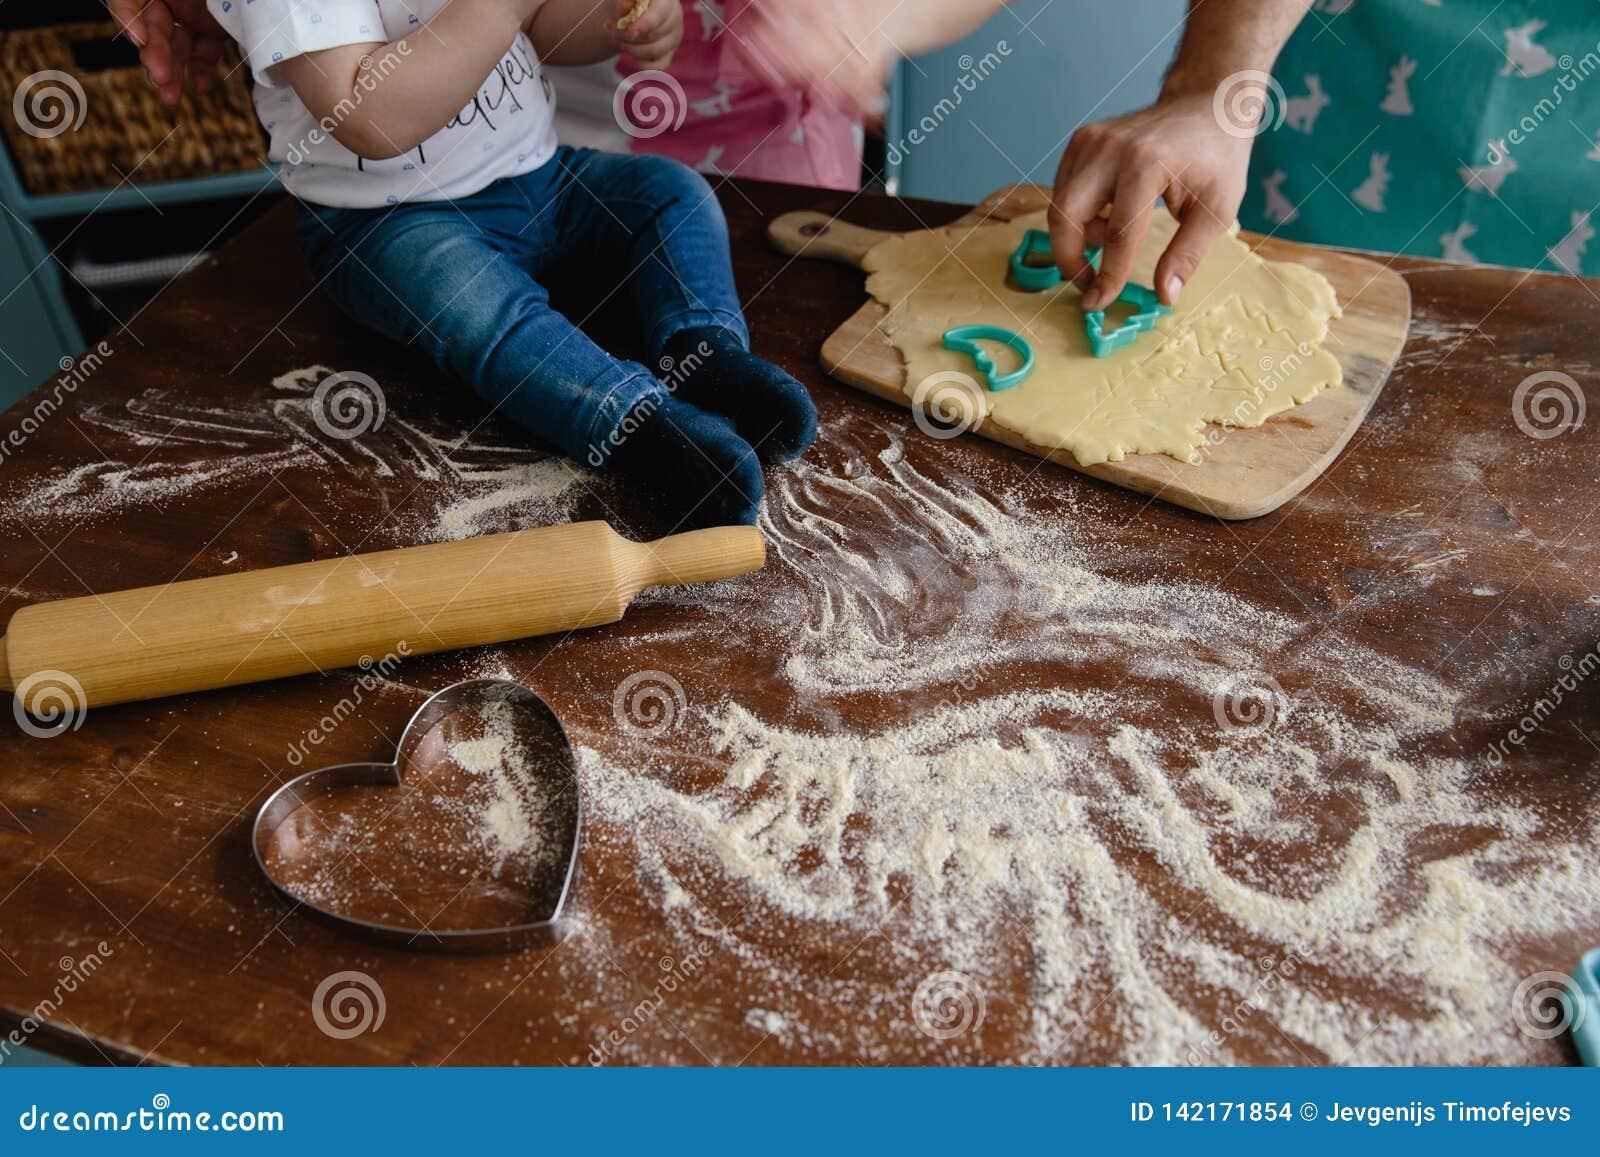 Ragazzino in jeans che mescolano farina nella cucina su una tavola che fa un certo disordine